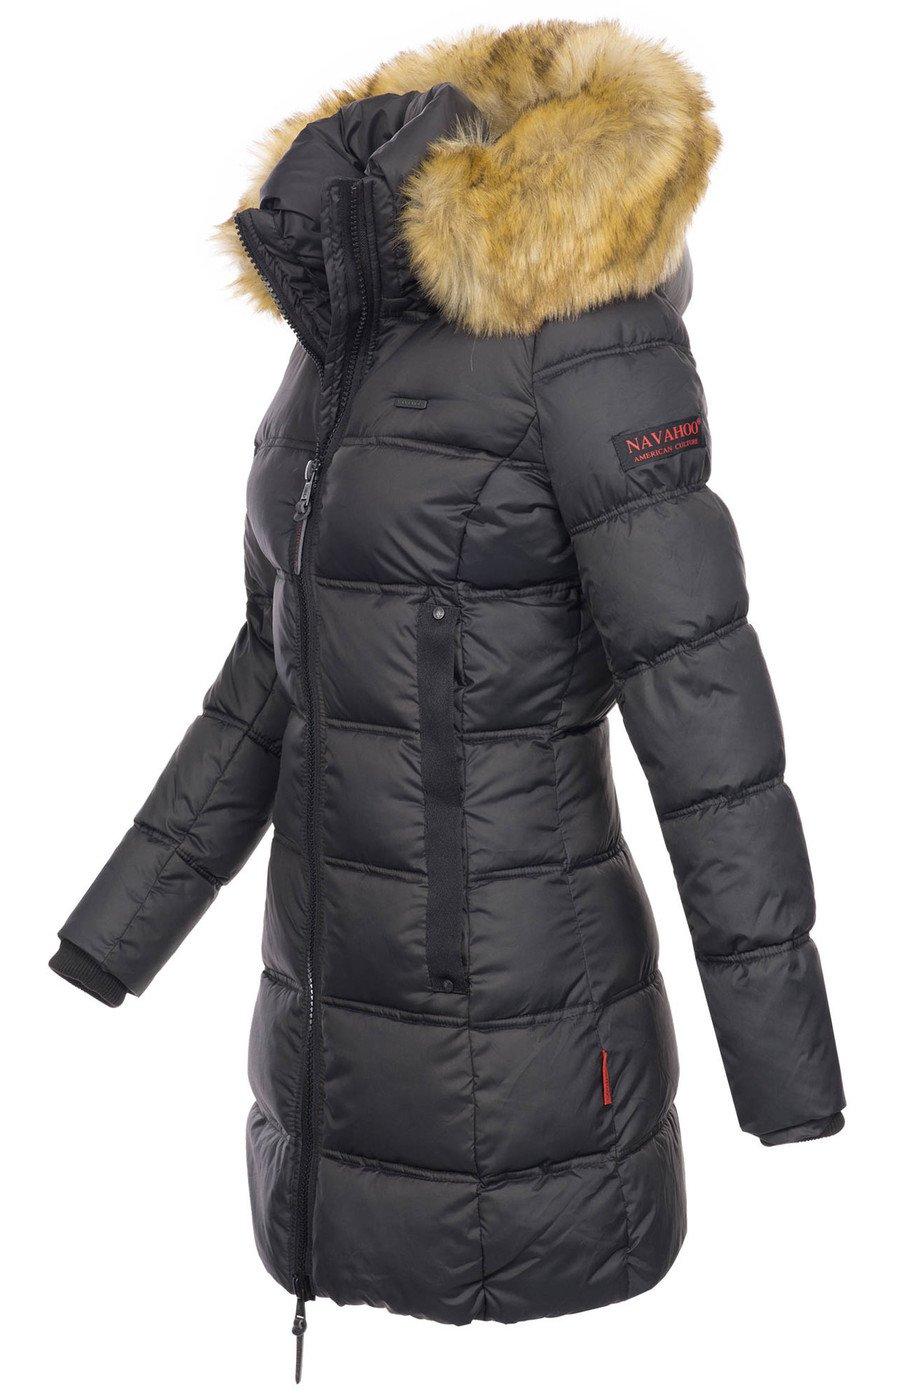 cheap for discount 877fb 23323 Navahoo Damen Winter Jacke Mantel Parka warm gefütterte Winterjacke Kapuze  B639